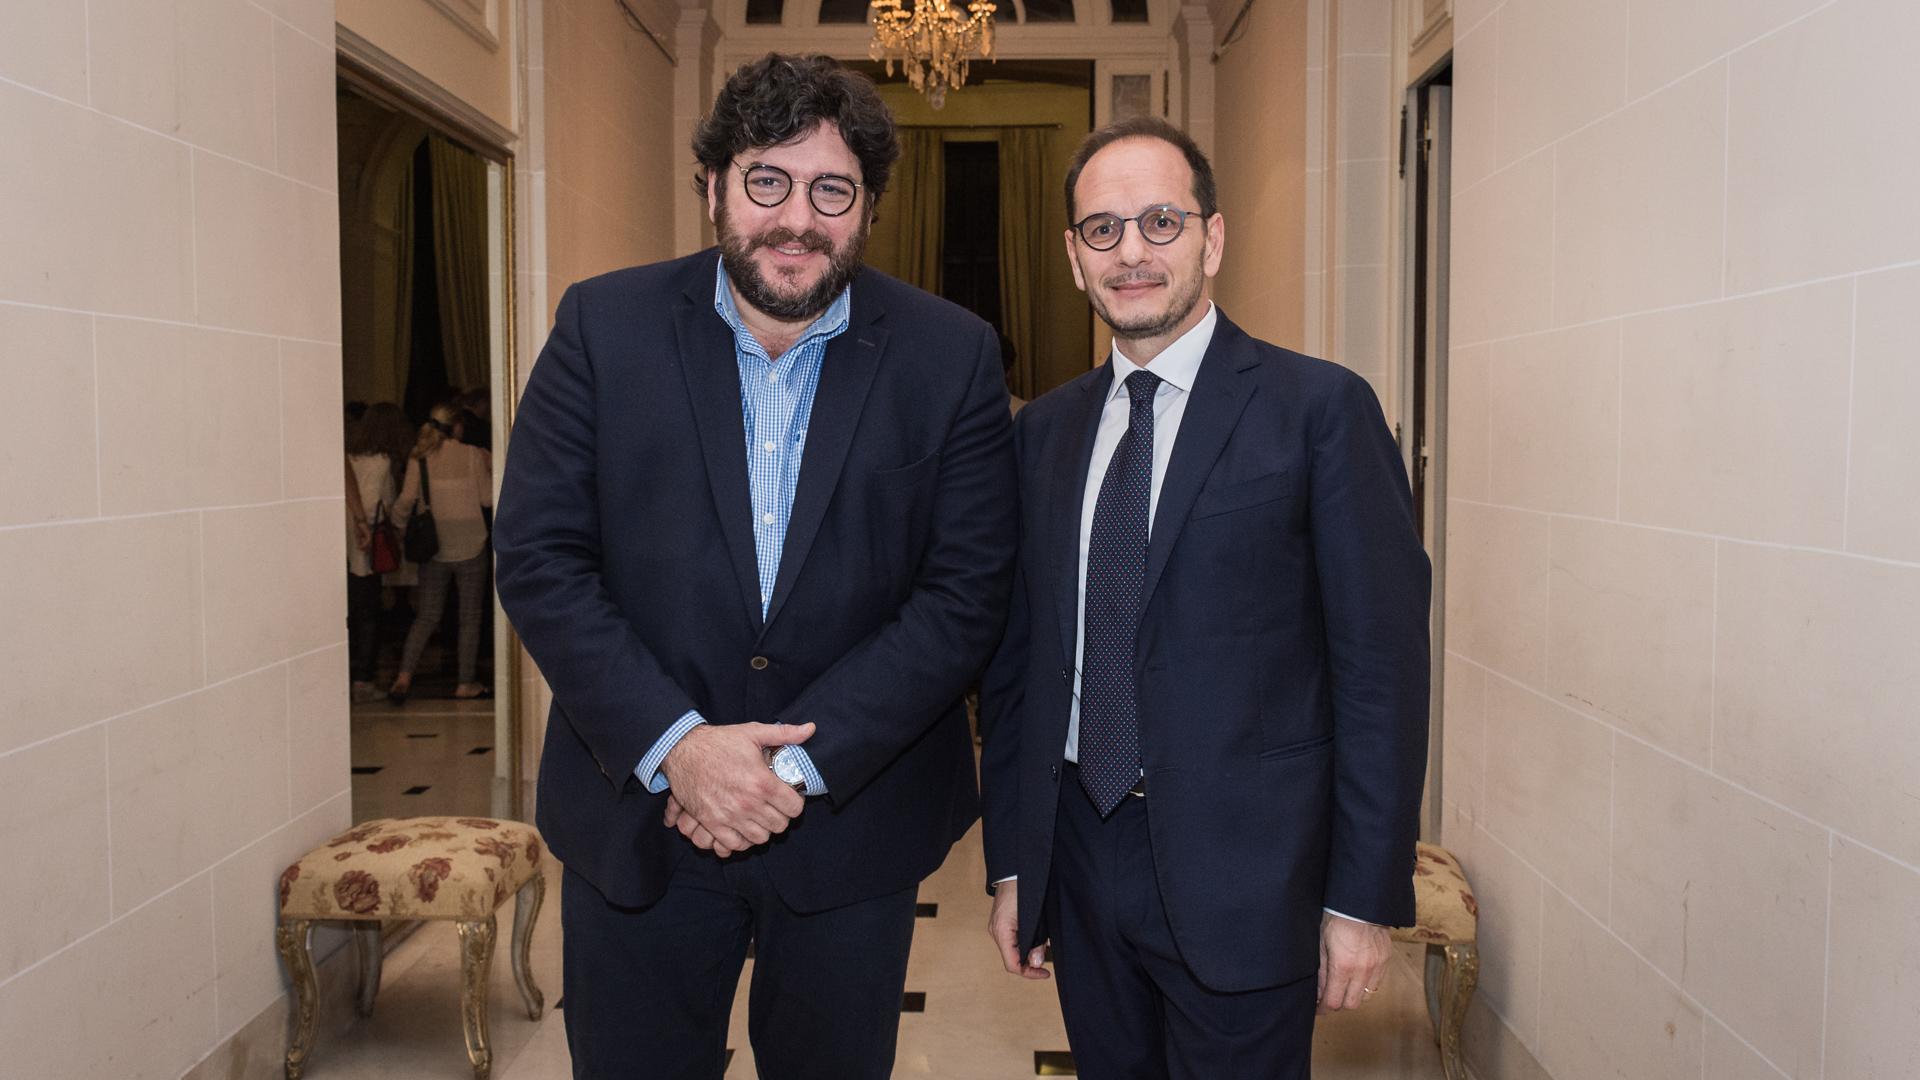 Pablo Avelluto, ministro de Cultura de la Nación fue recibido por el embajador italiano en Argentina, Giuseppe Manzo